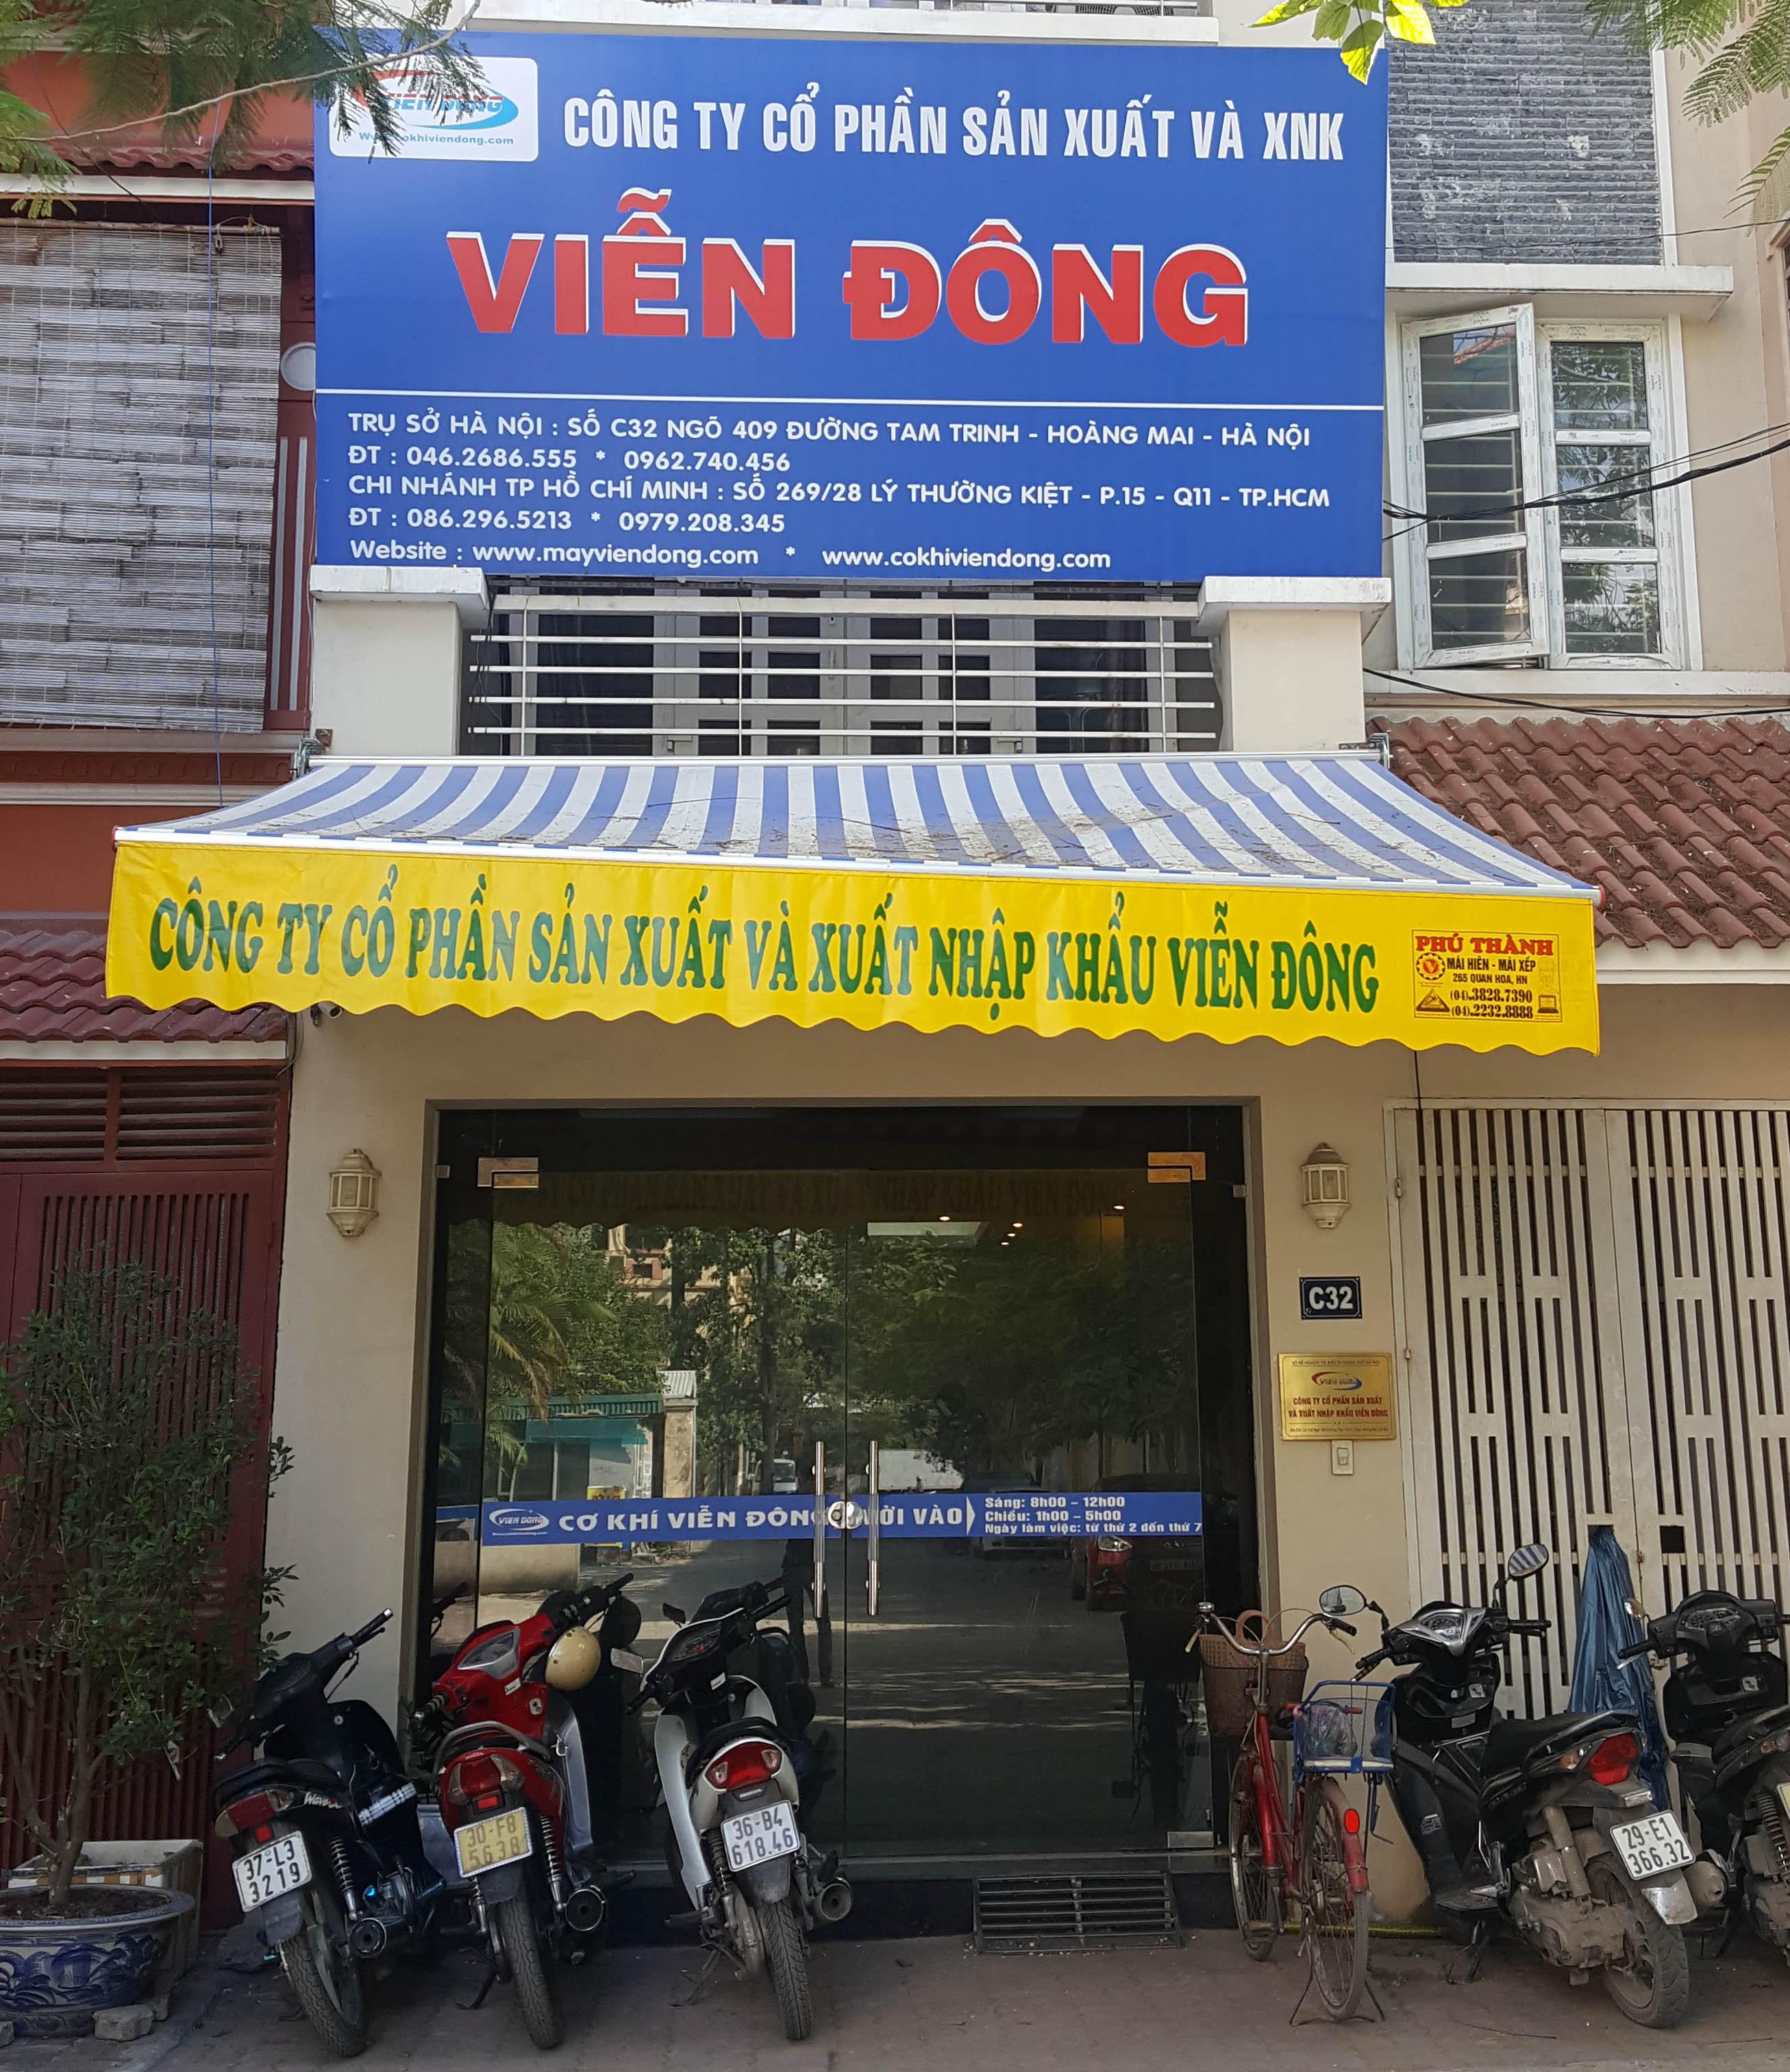 C32- Ngõ 409- Tam Trinh- Hà Nội